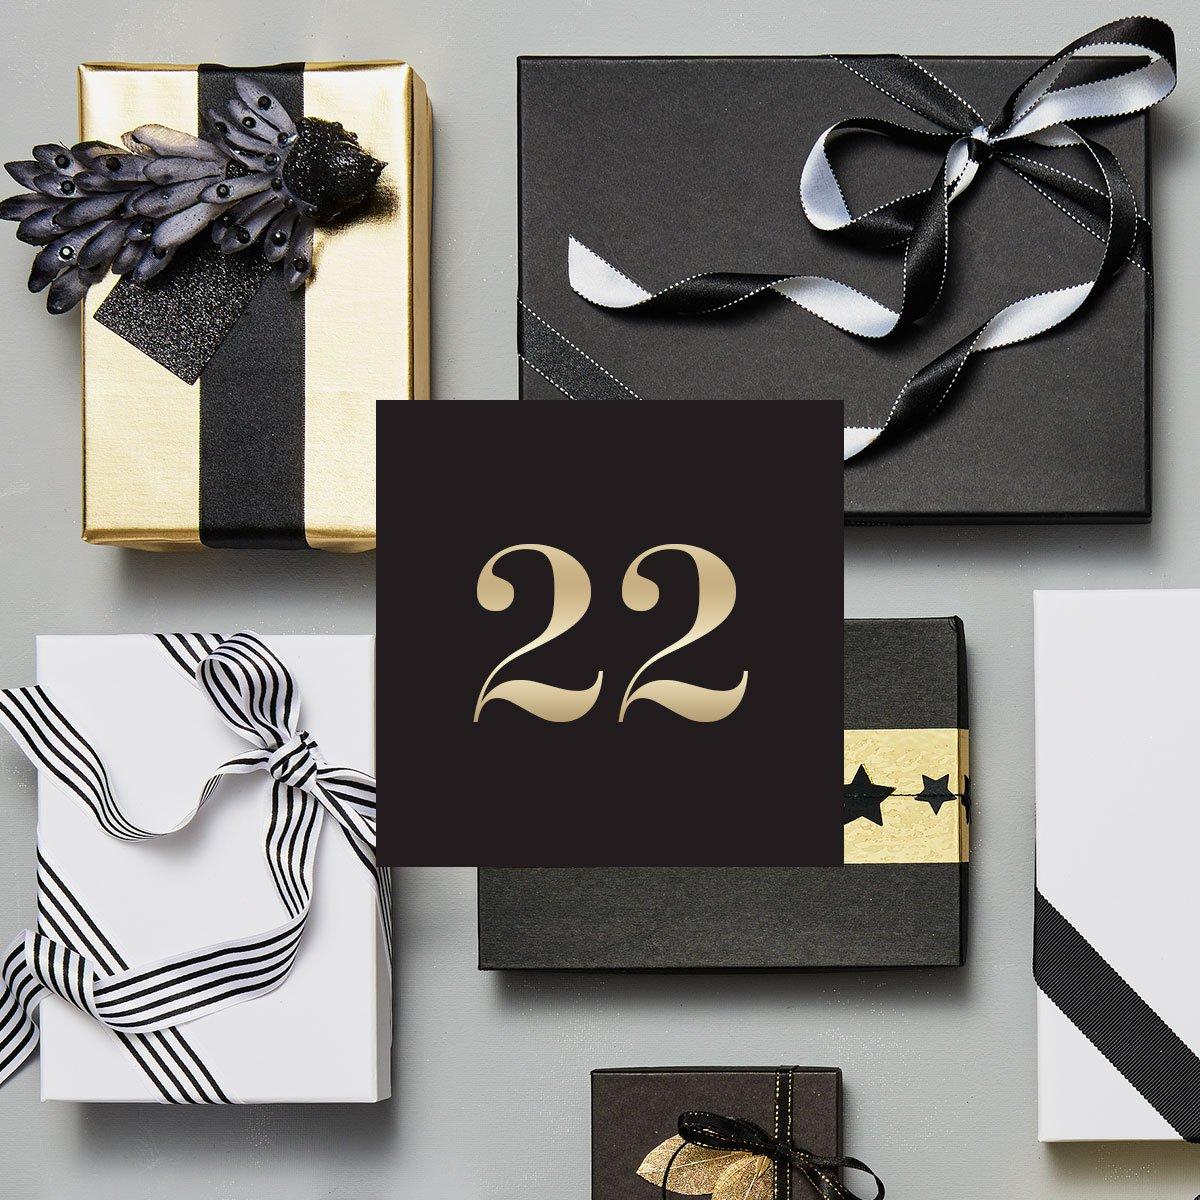 🔔 H&M CLUB Julekalender - 22. december 🔔 Vi kan næsten ikke vente… Kridt skoene og tjek dagens jule-reward i H&M-appen 👞👢👟 Tilbuddet gælder i dag i vores butikker. https://t.co/ZcGqz1M9Qs